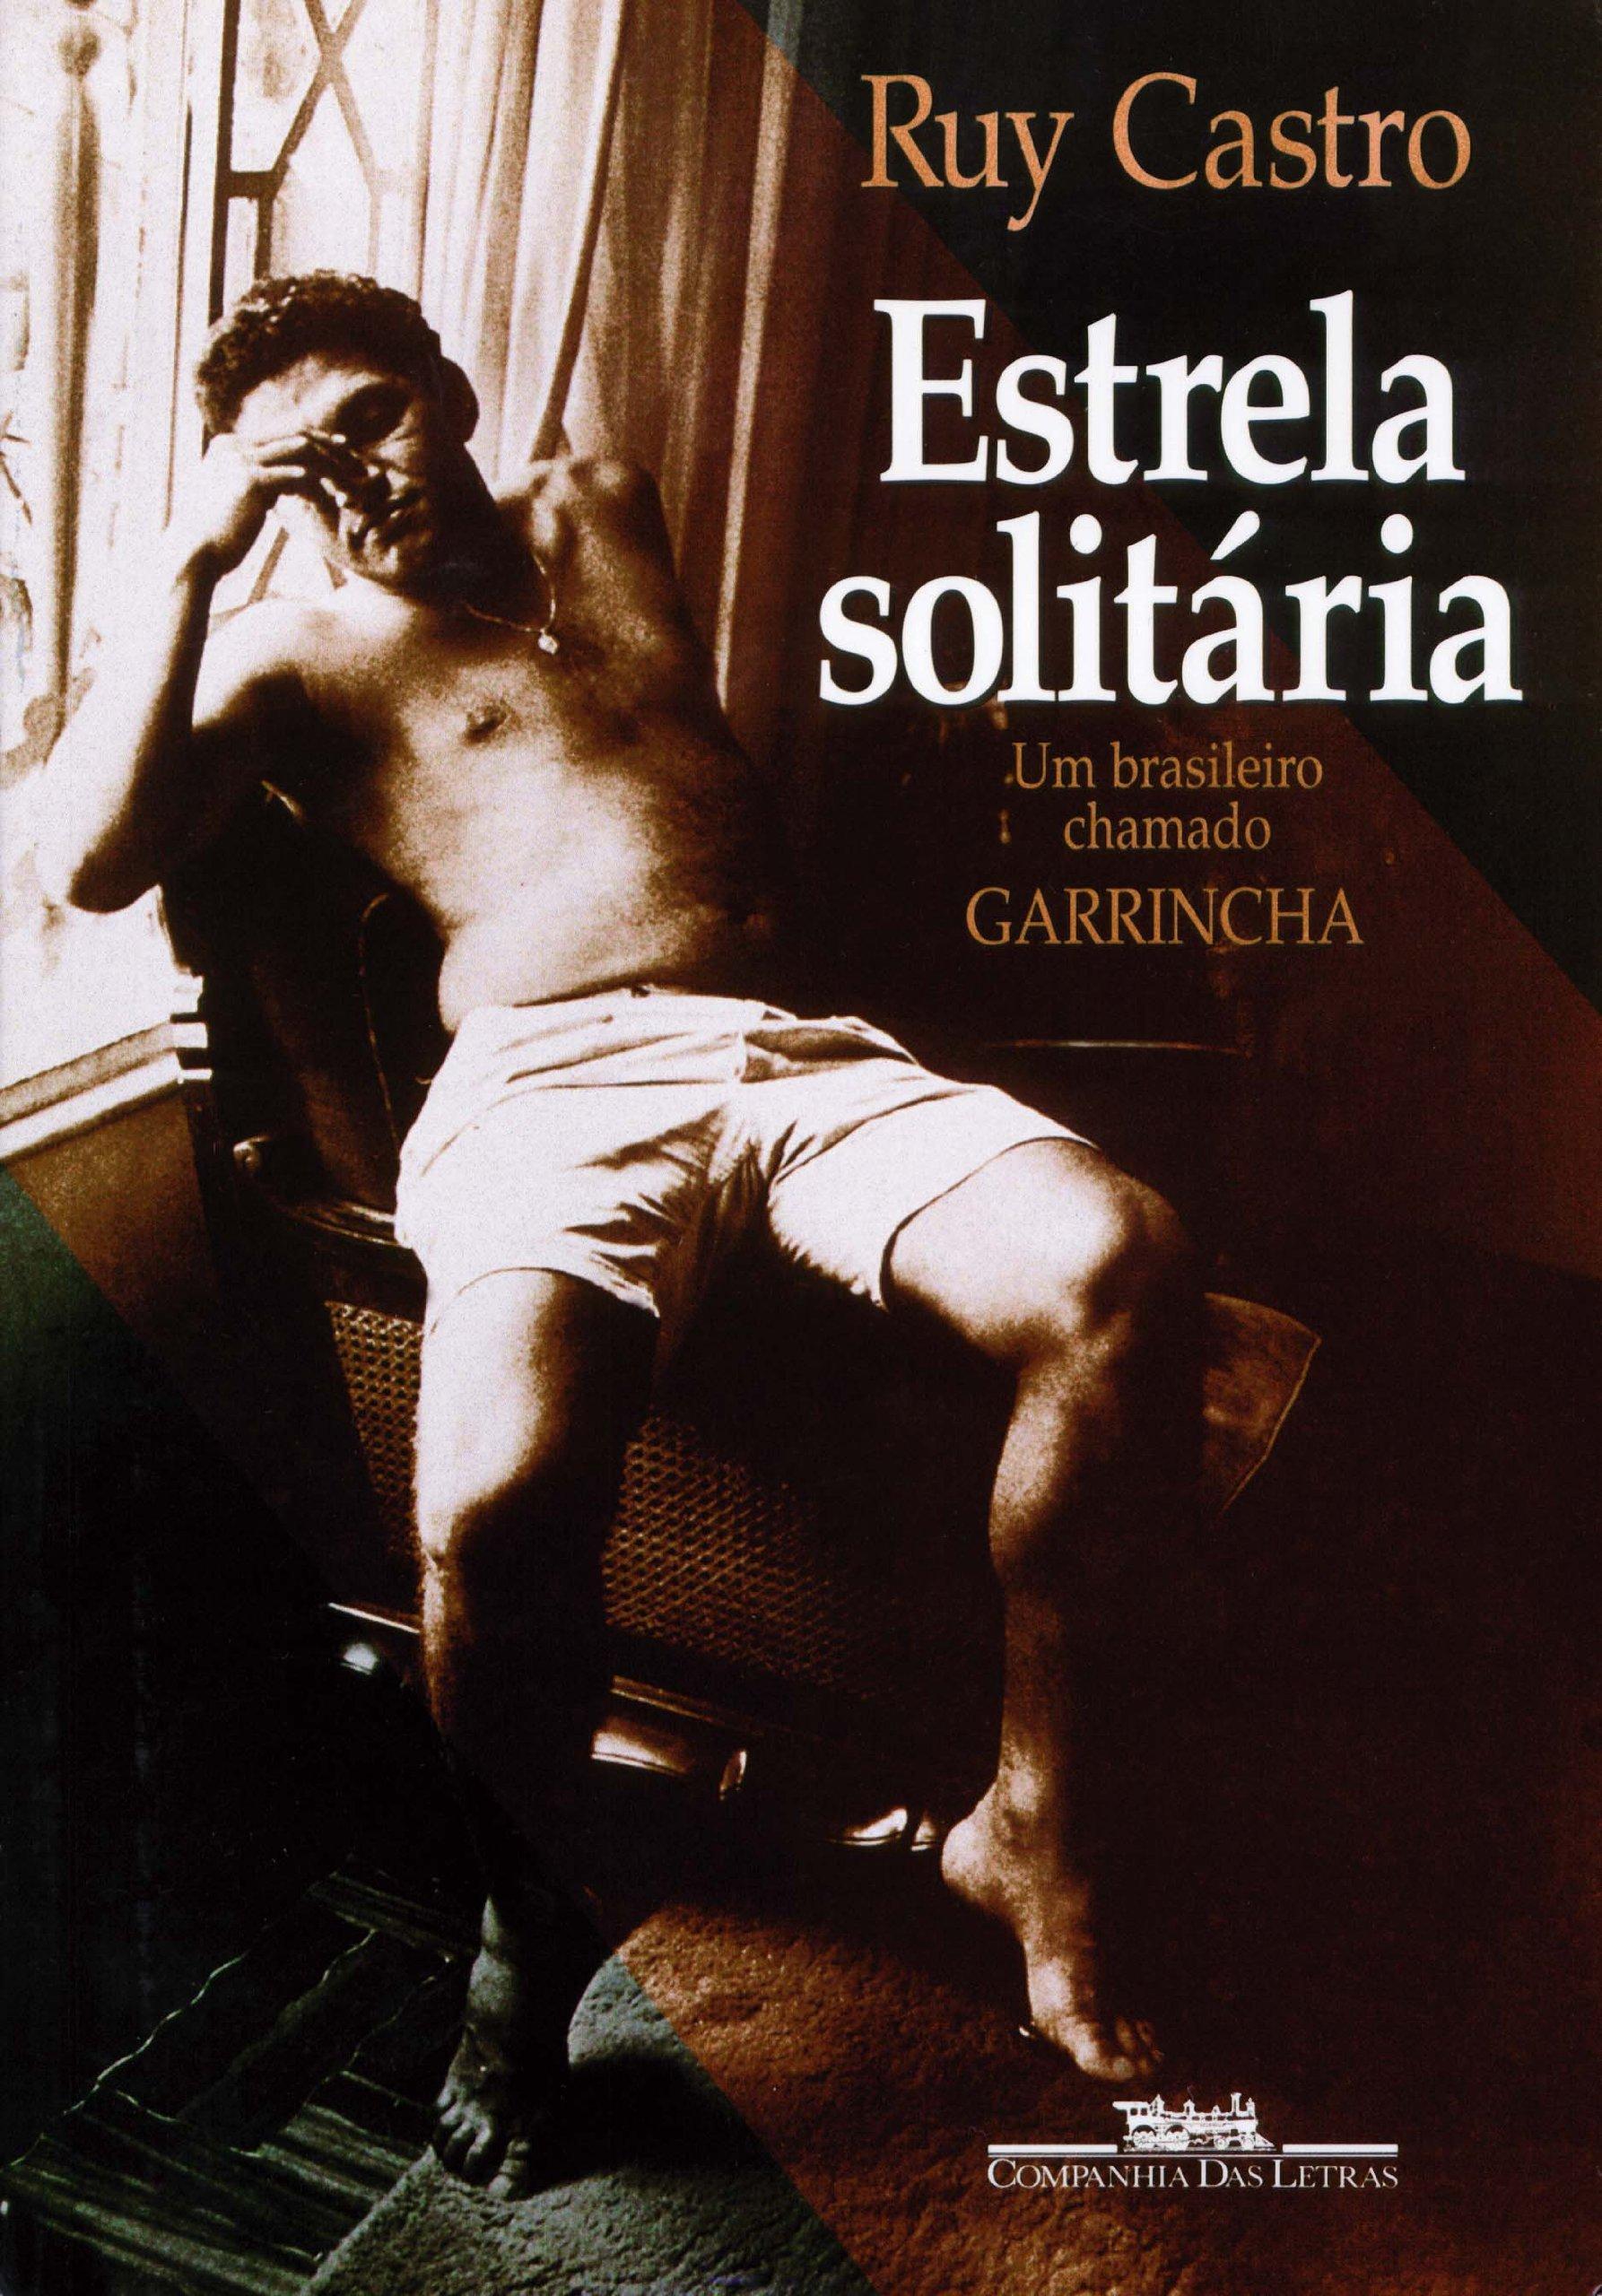 Estrela solitária - 9788571644939 - Livros na Amazon Brasil